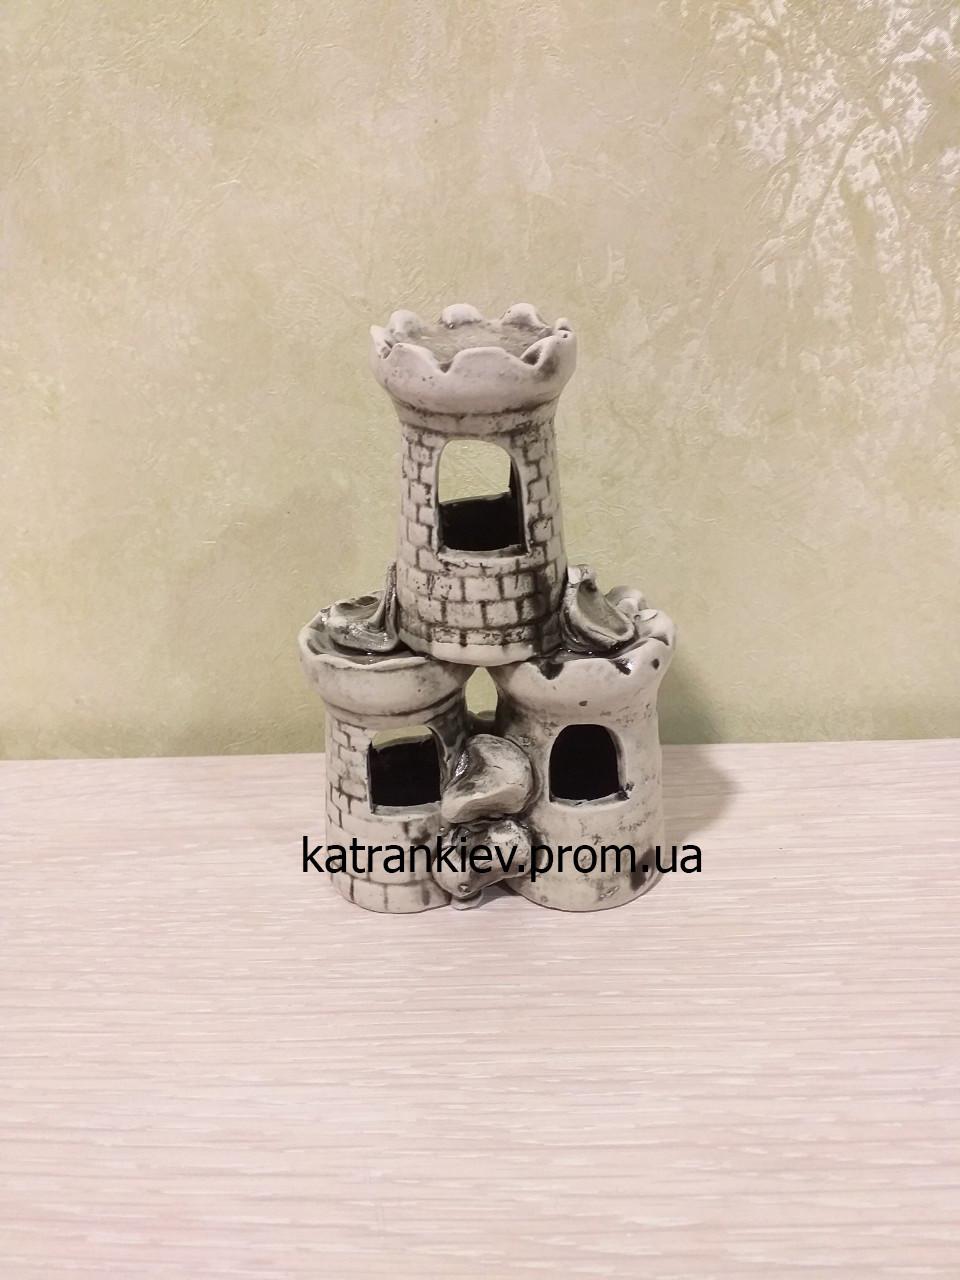 Керамическая декорация в аквариум Замок, Башня с502